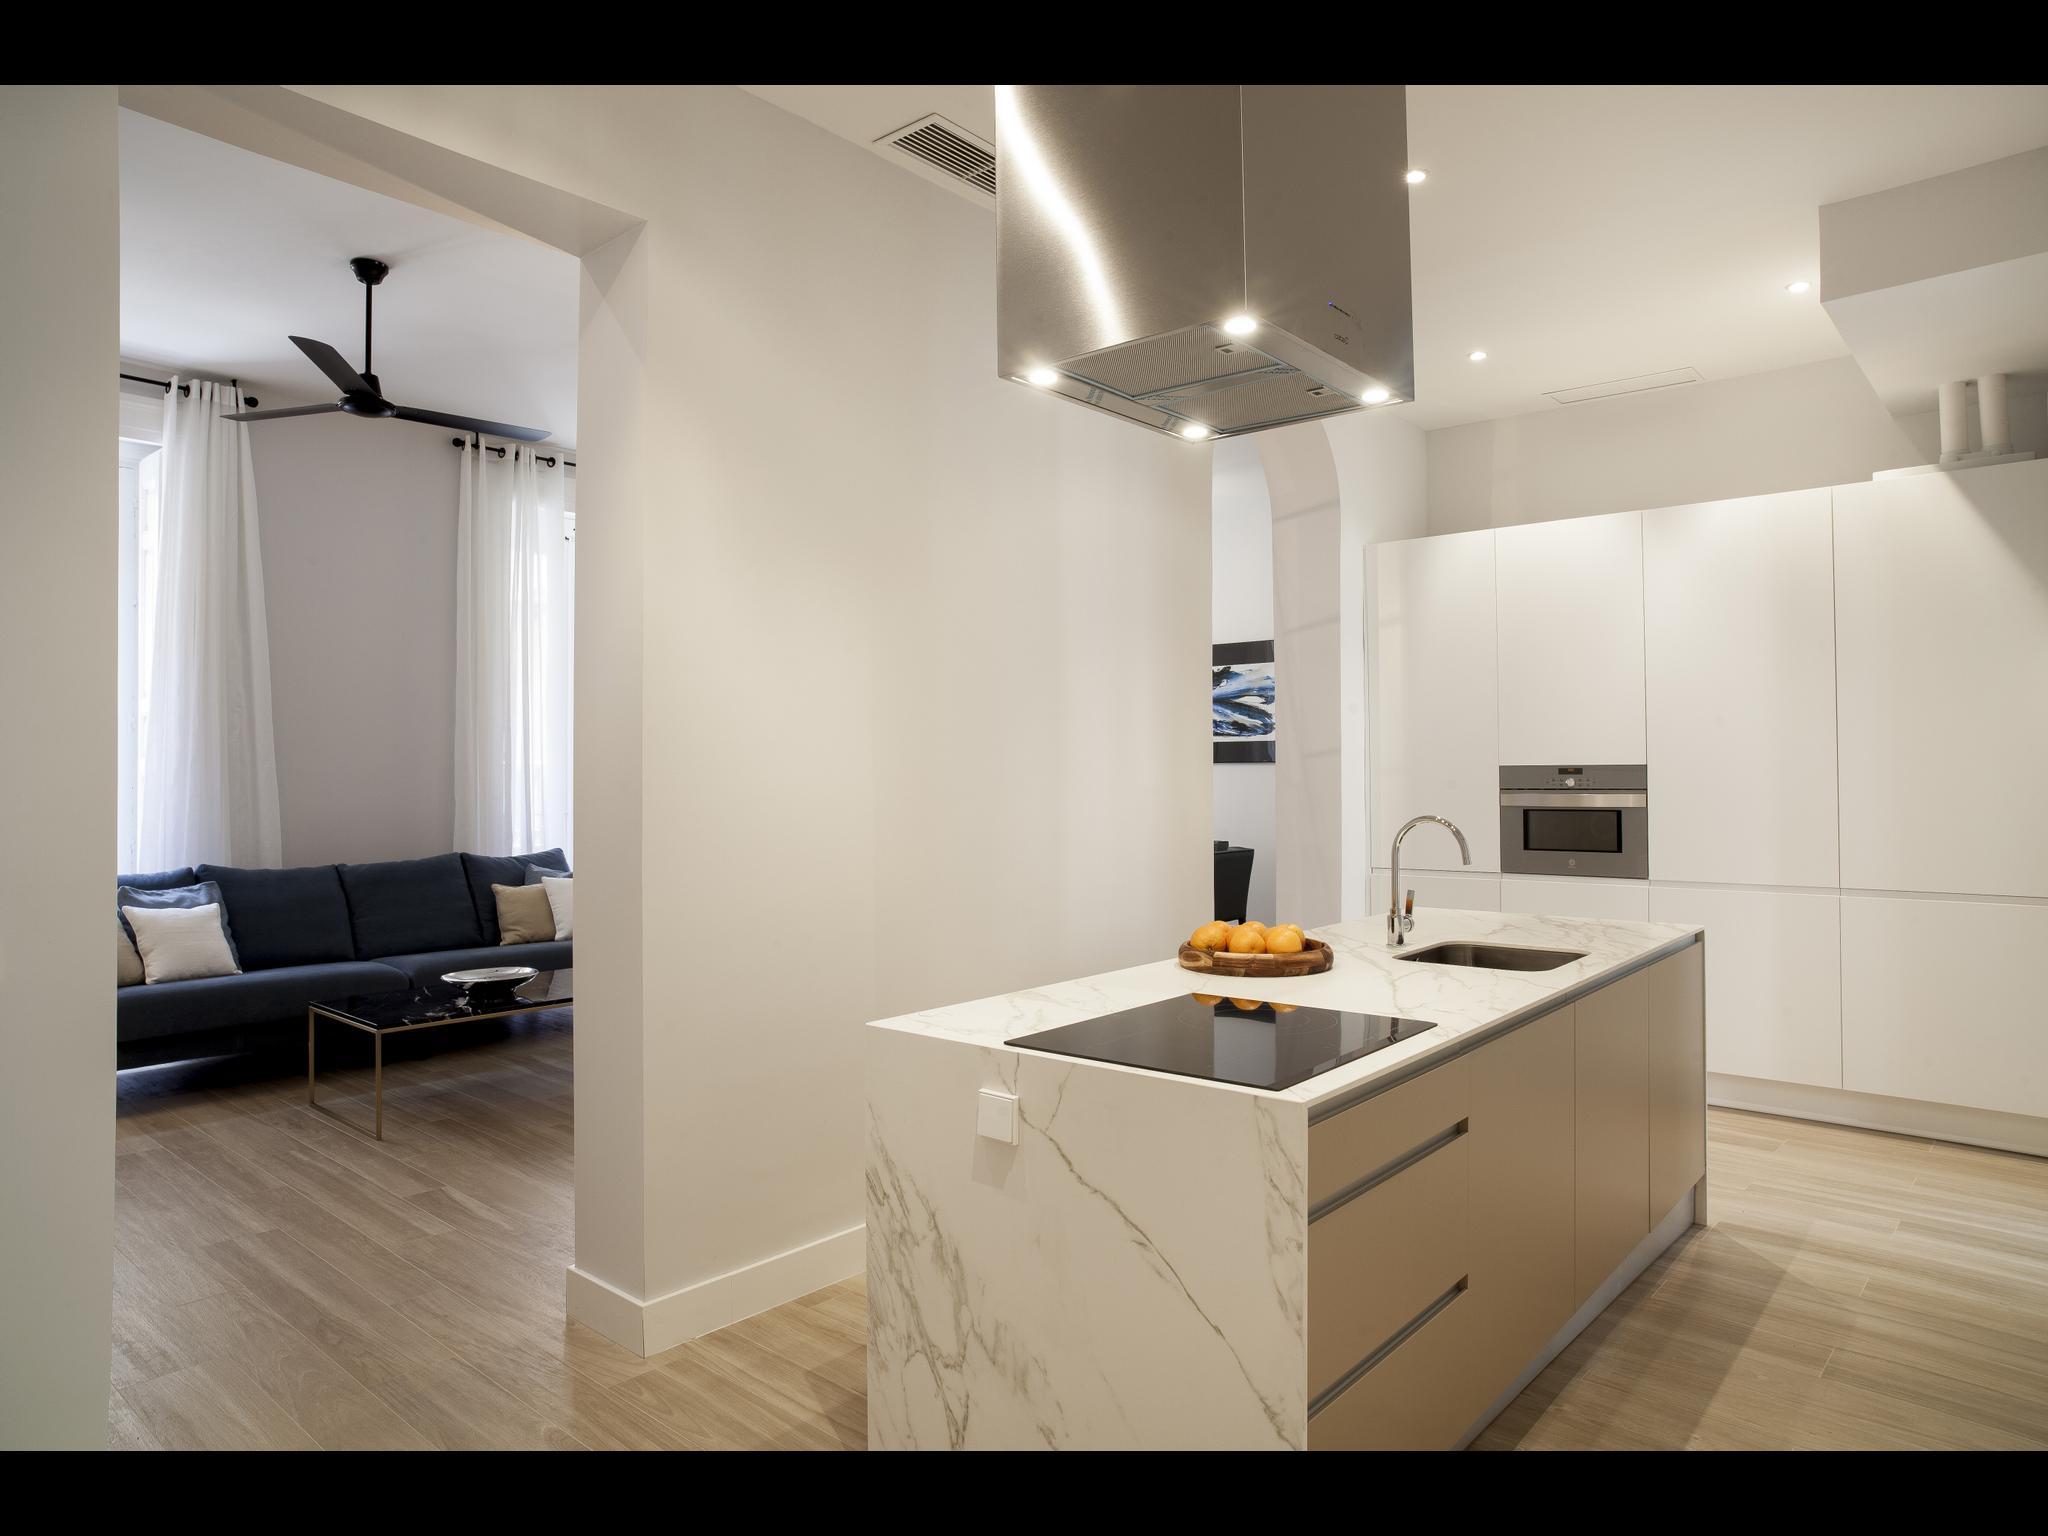 Puebla es un apartamento de lujo en Madrid para expats. Está situado en la calle de la Puebla, Madrid.